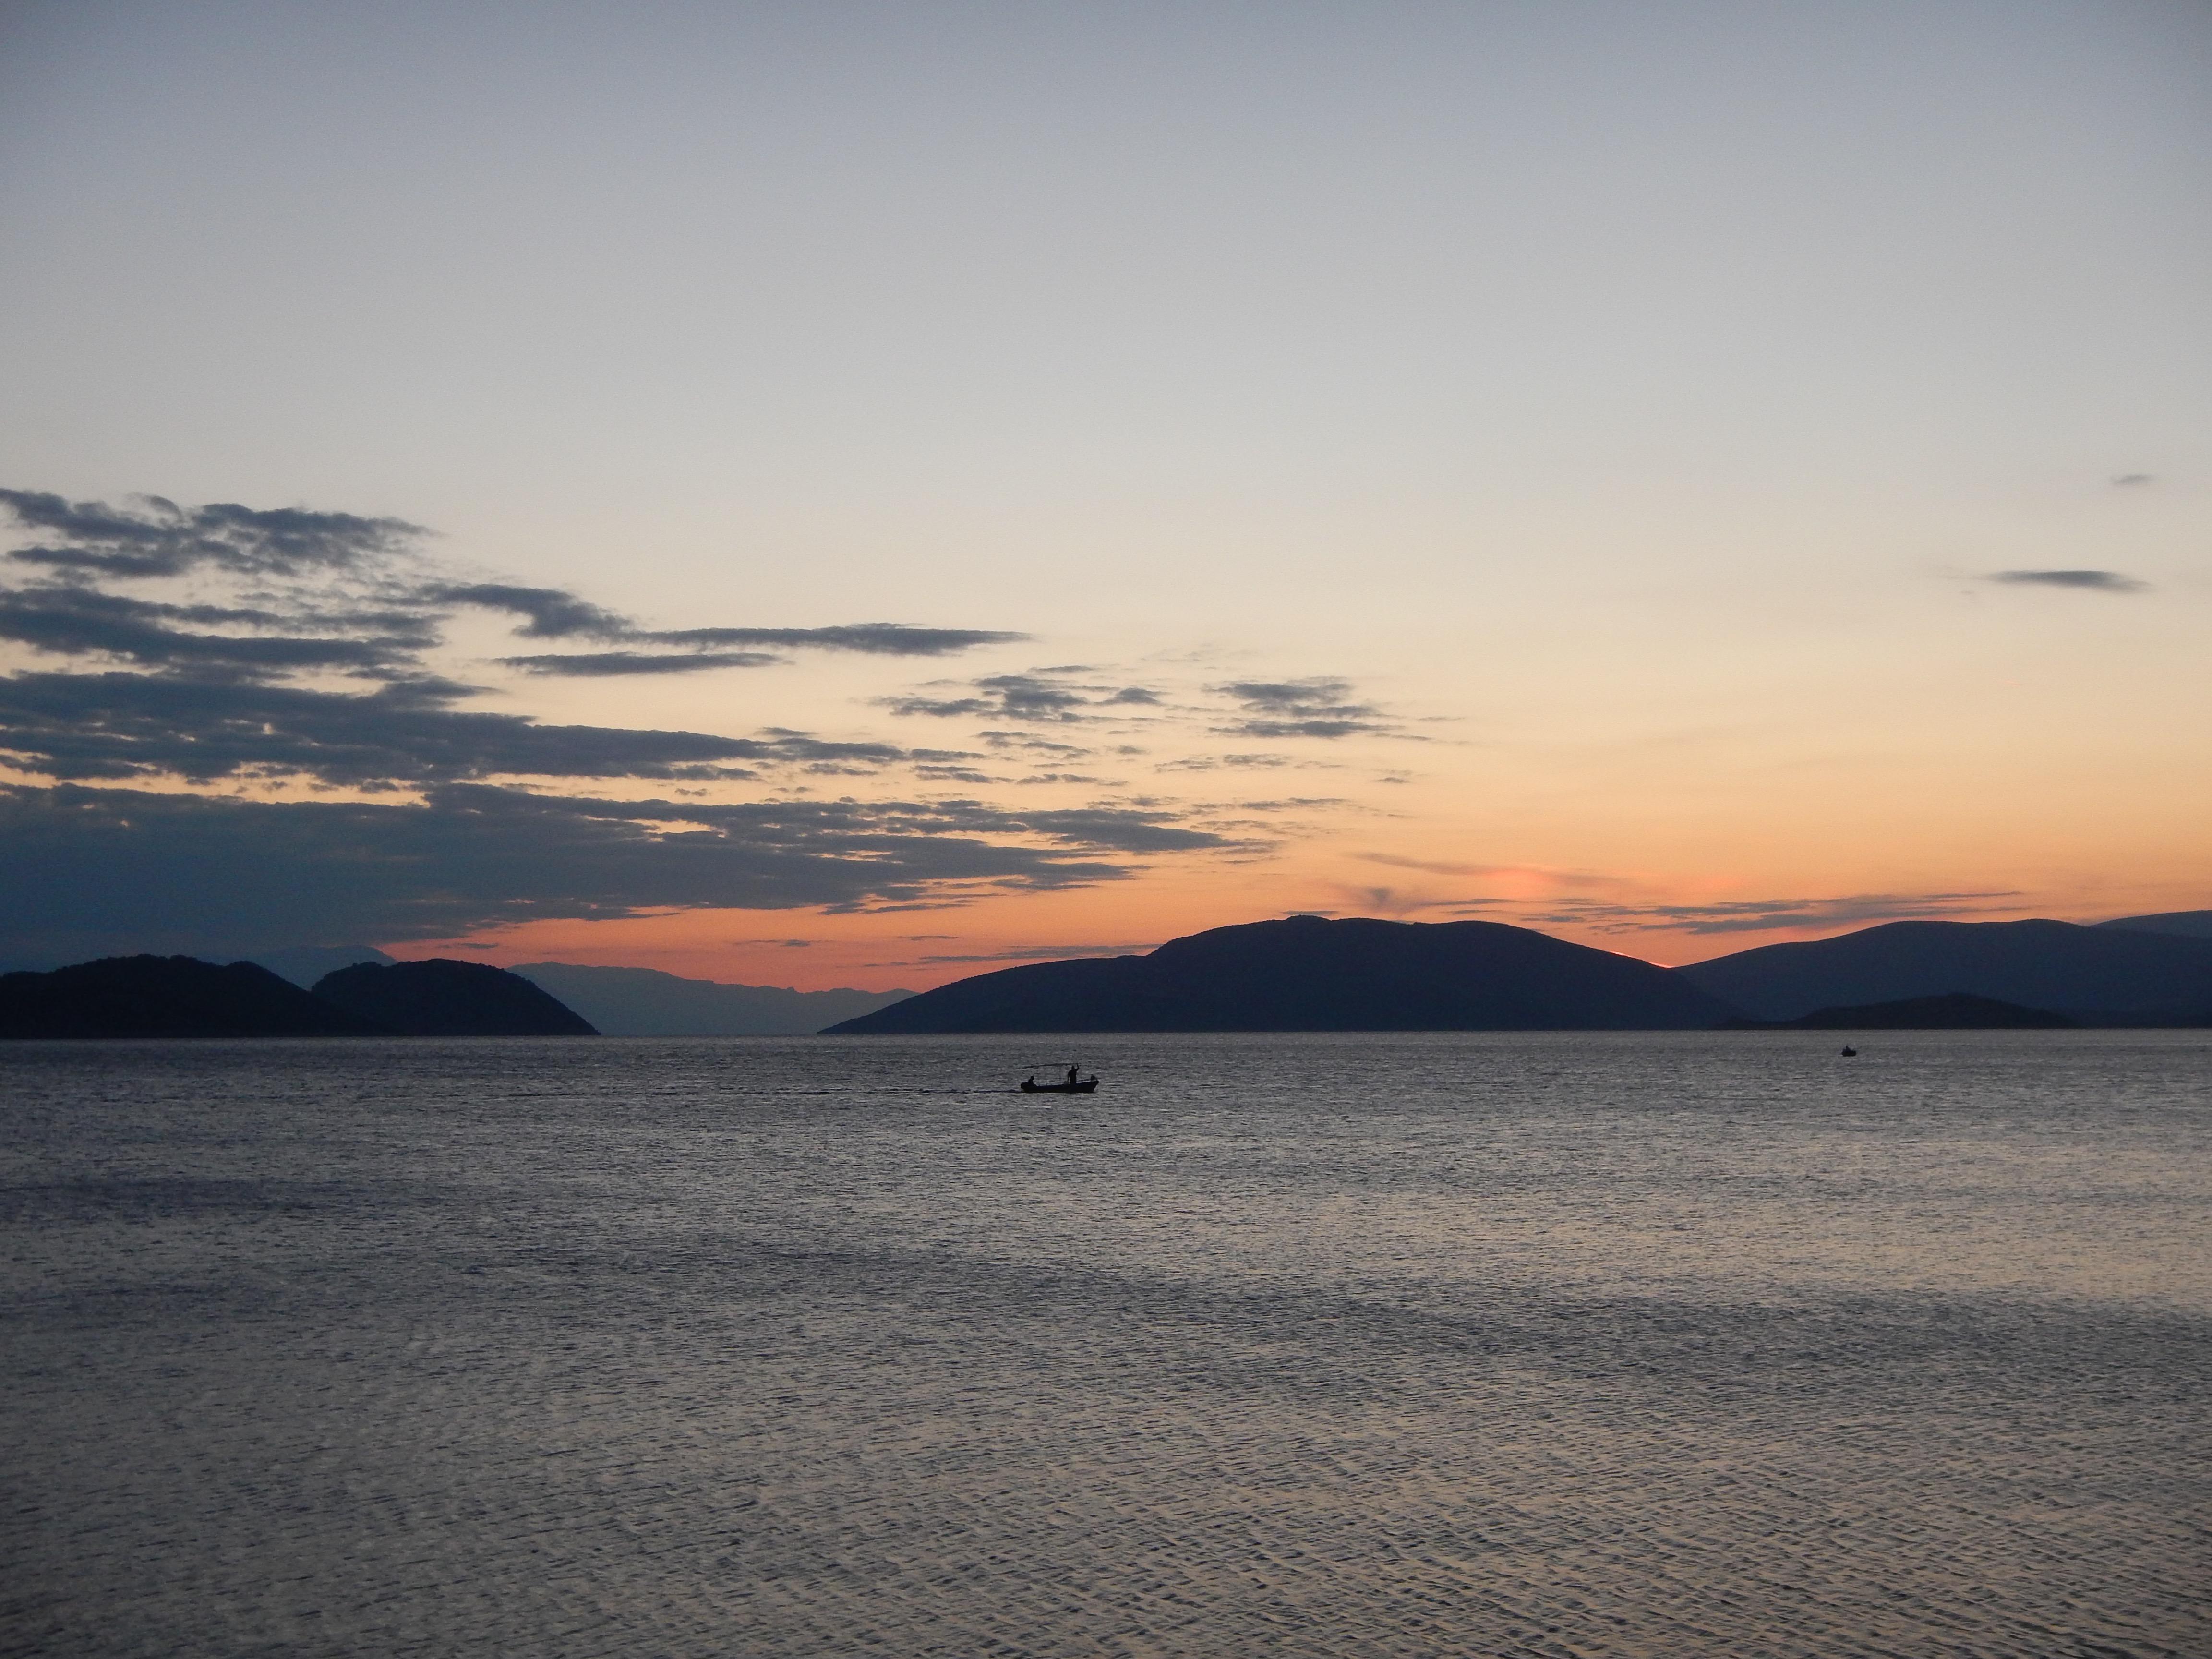 Grèce - Destination Météores par trail rando 161003040546122898